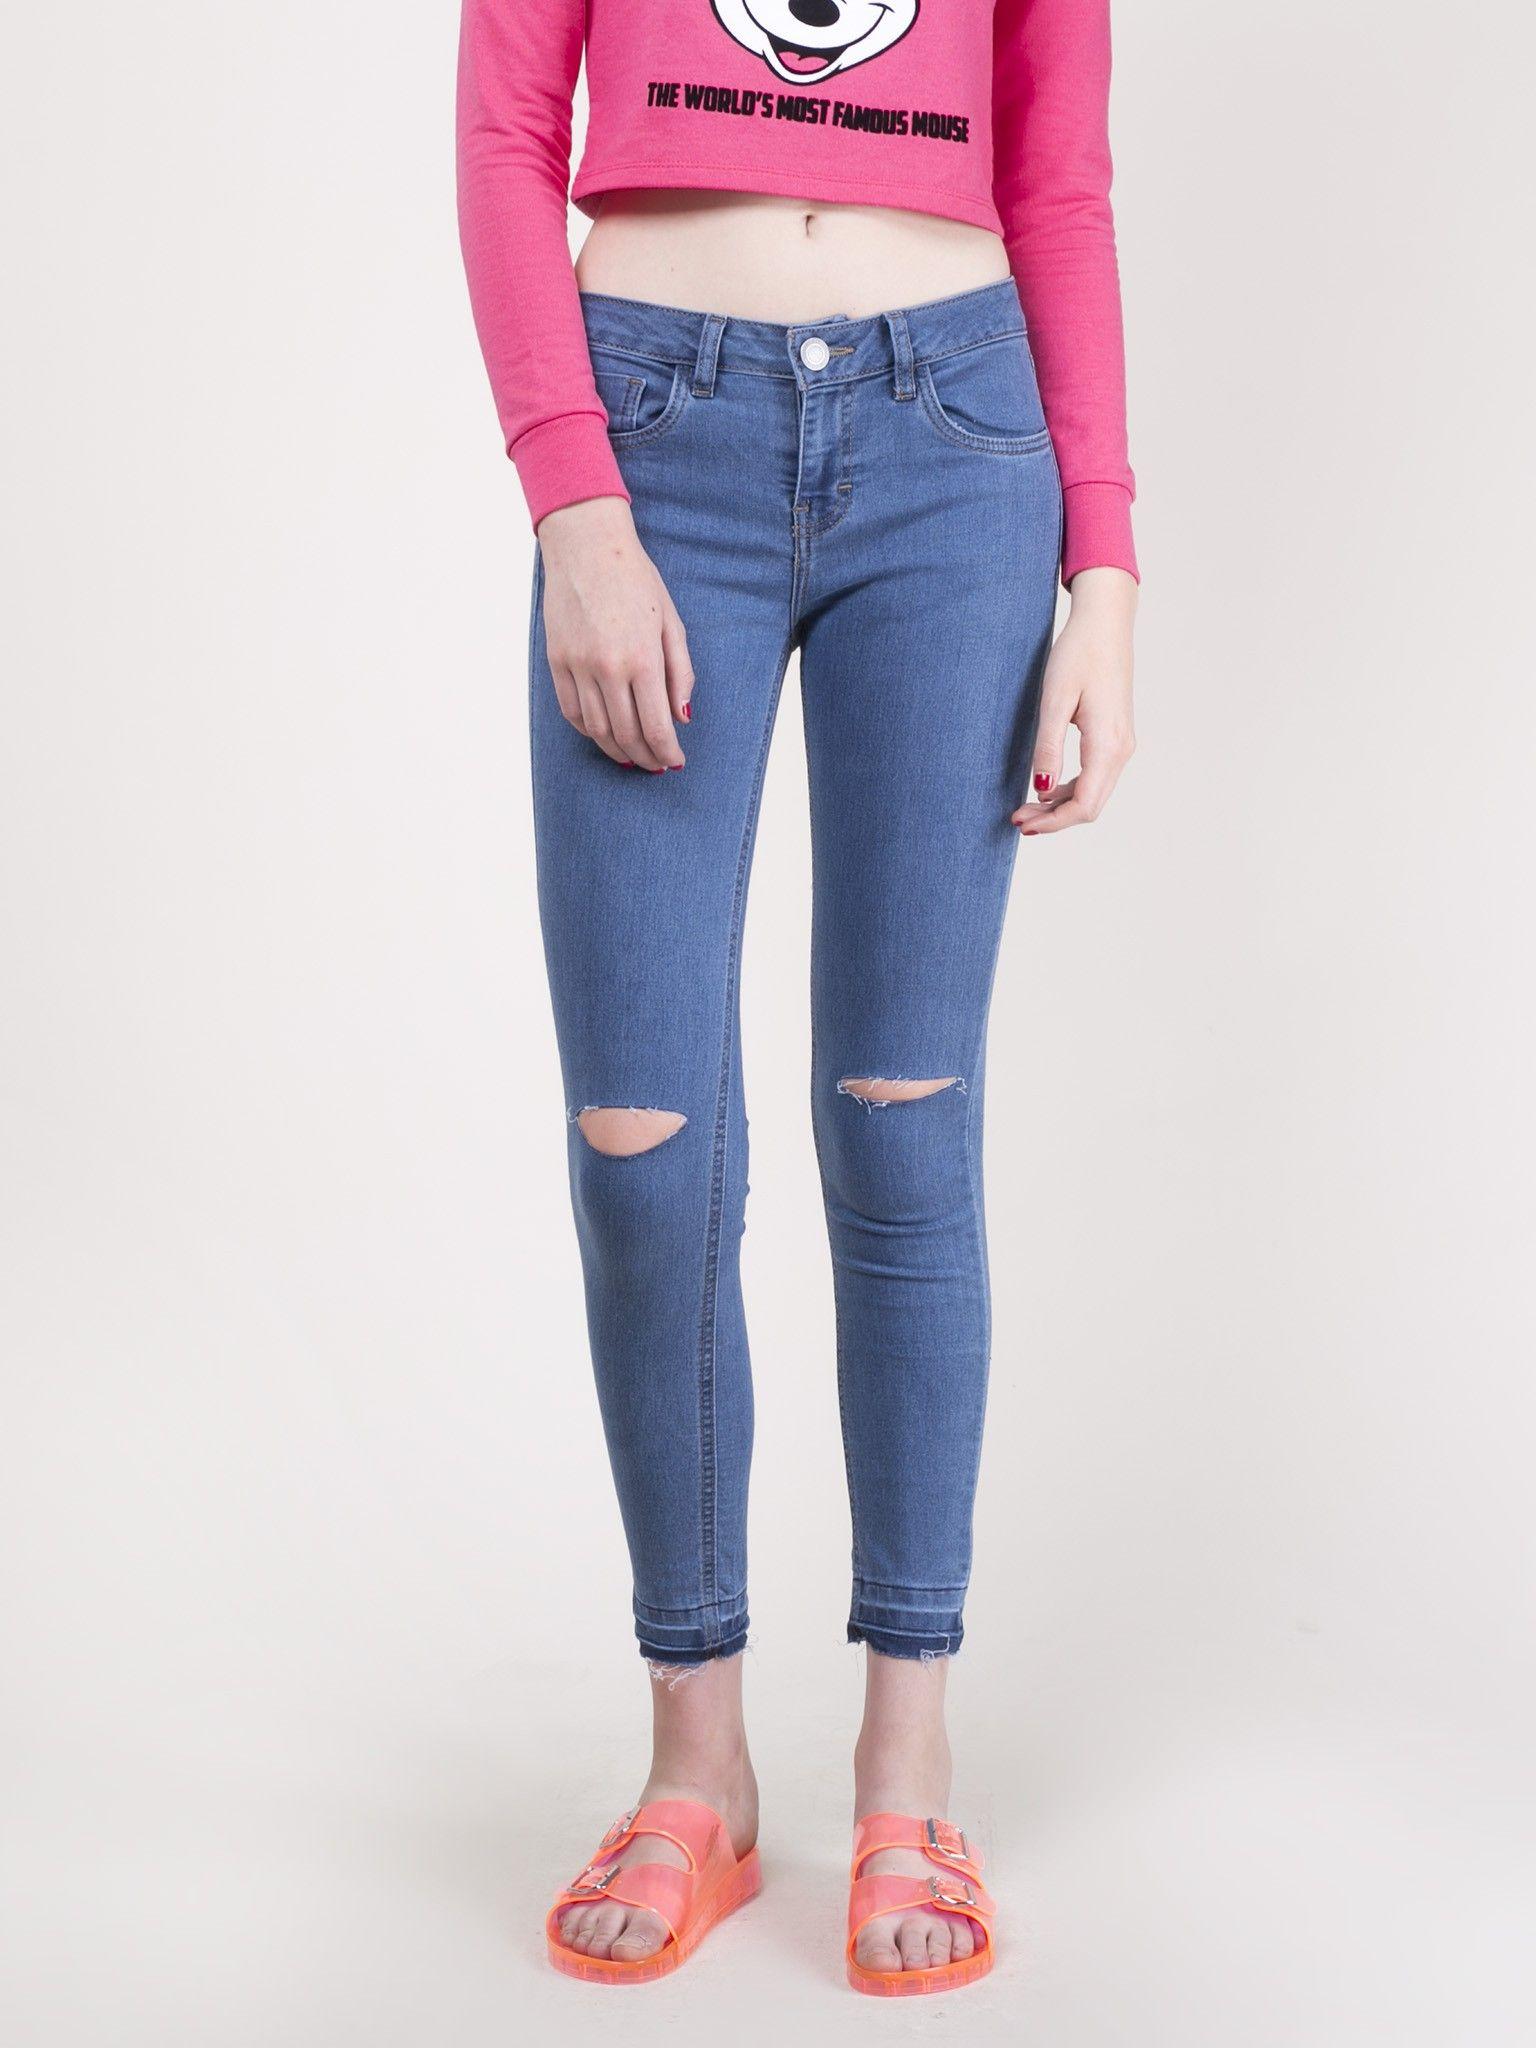 El Skinny Jeans Pantalones Cuidado Perro Con Destrucciones Tq81S1